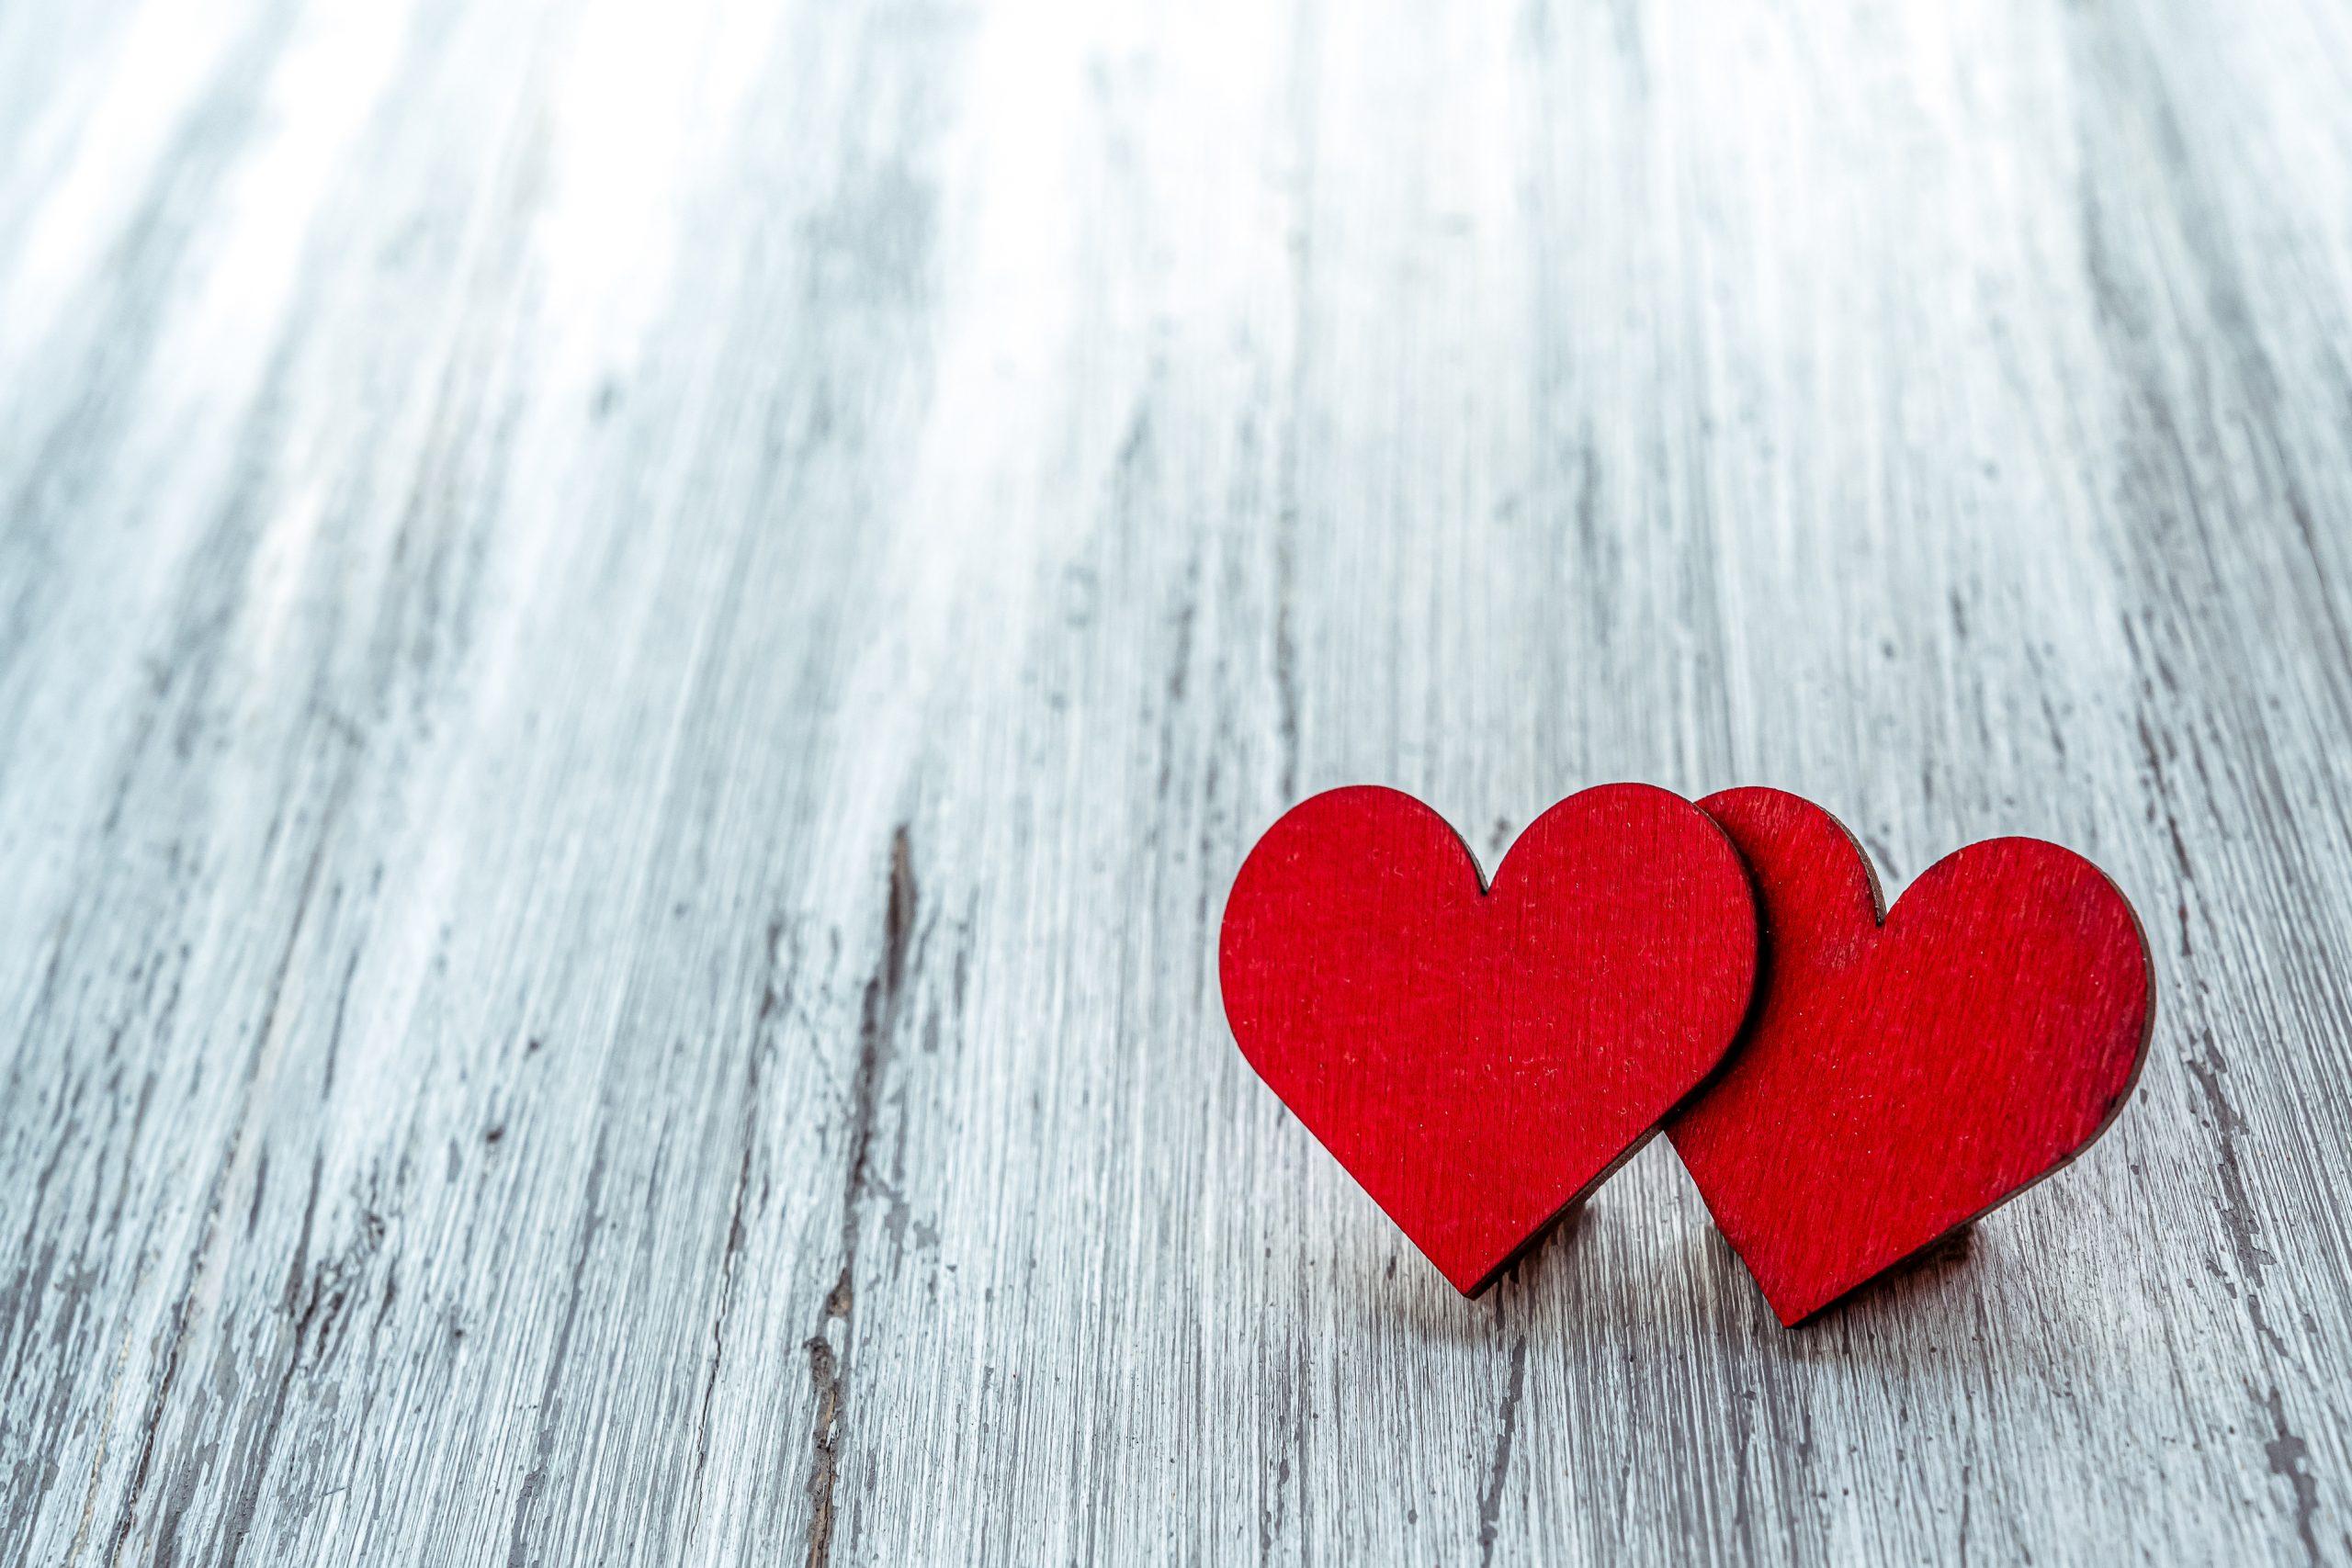 水晶玉子の恋占い|急に態度が変わった彼◆『意図的に距離を置かれている?』